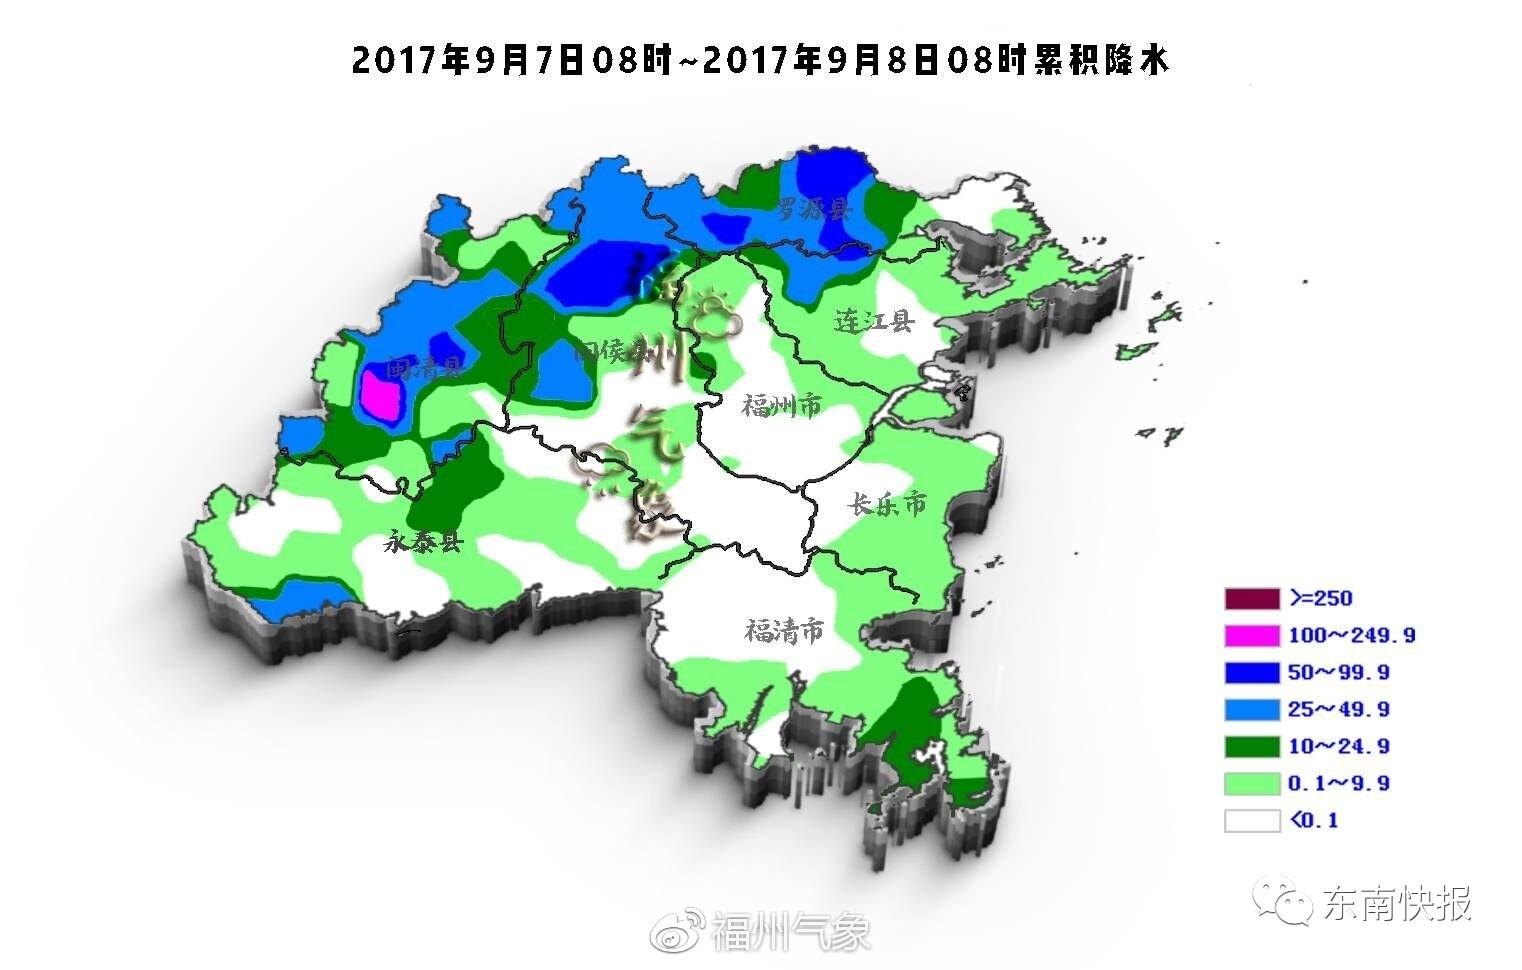 福州发布雷电/暴雨双预警,上街大学城附近不到3小时雨量破百!!未来注意局部强降水